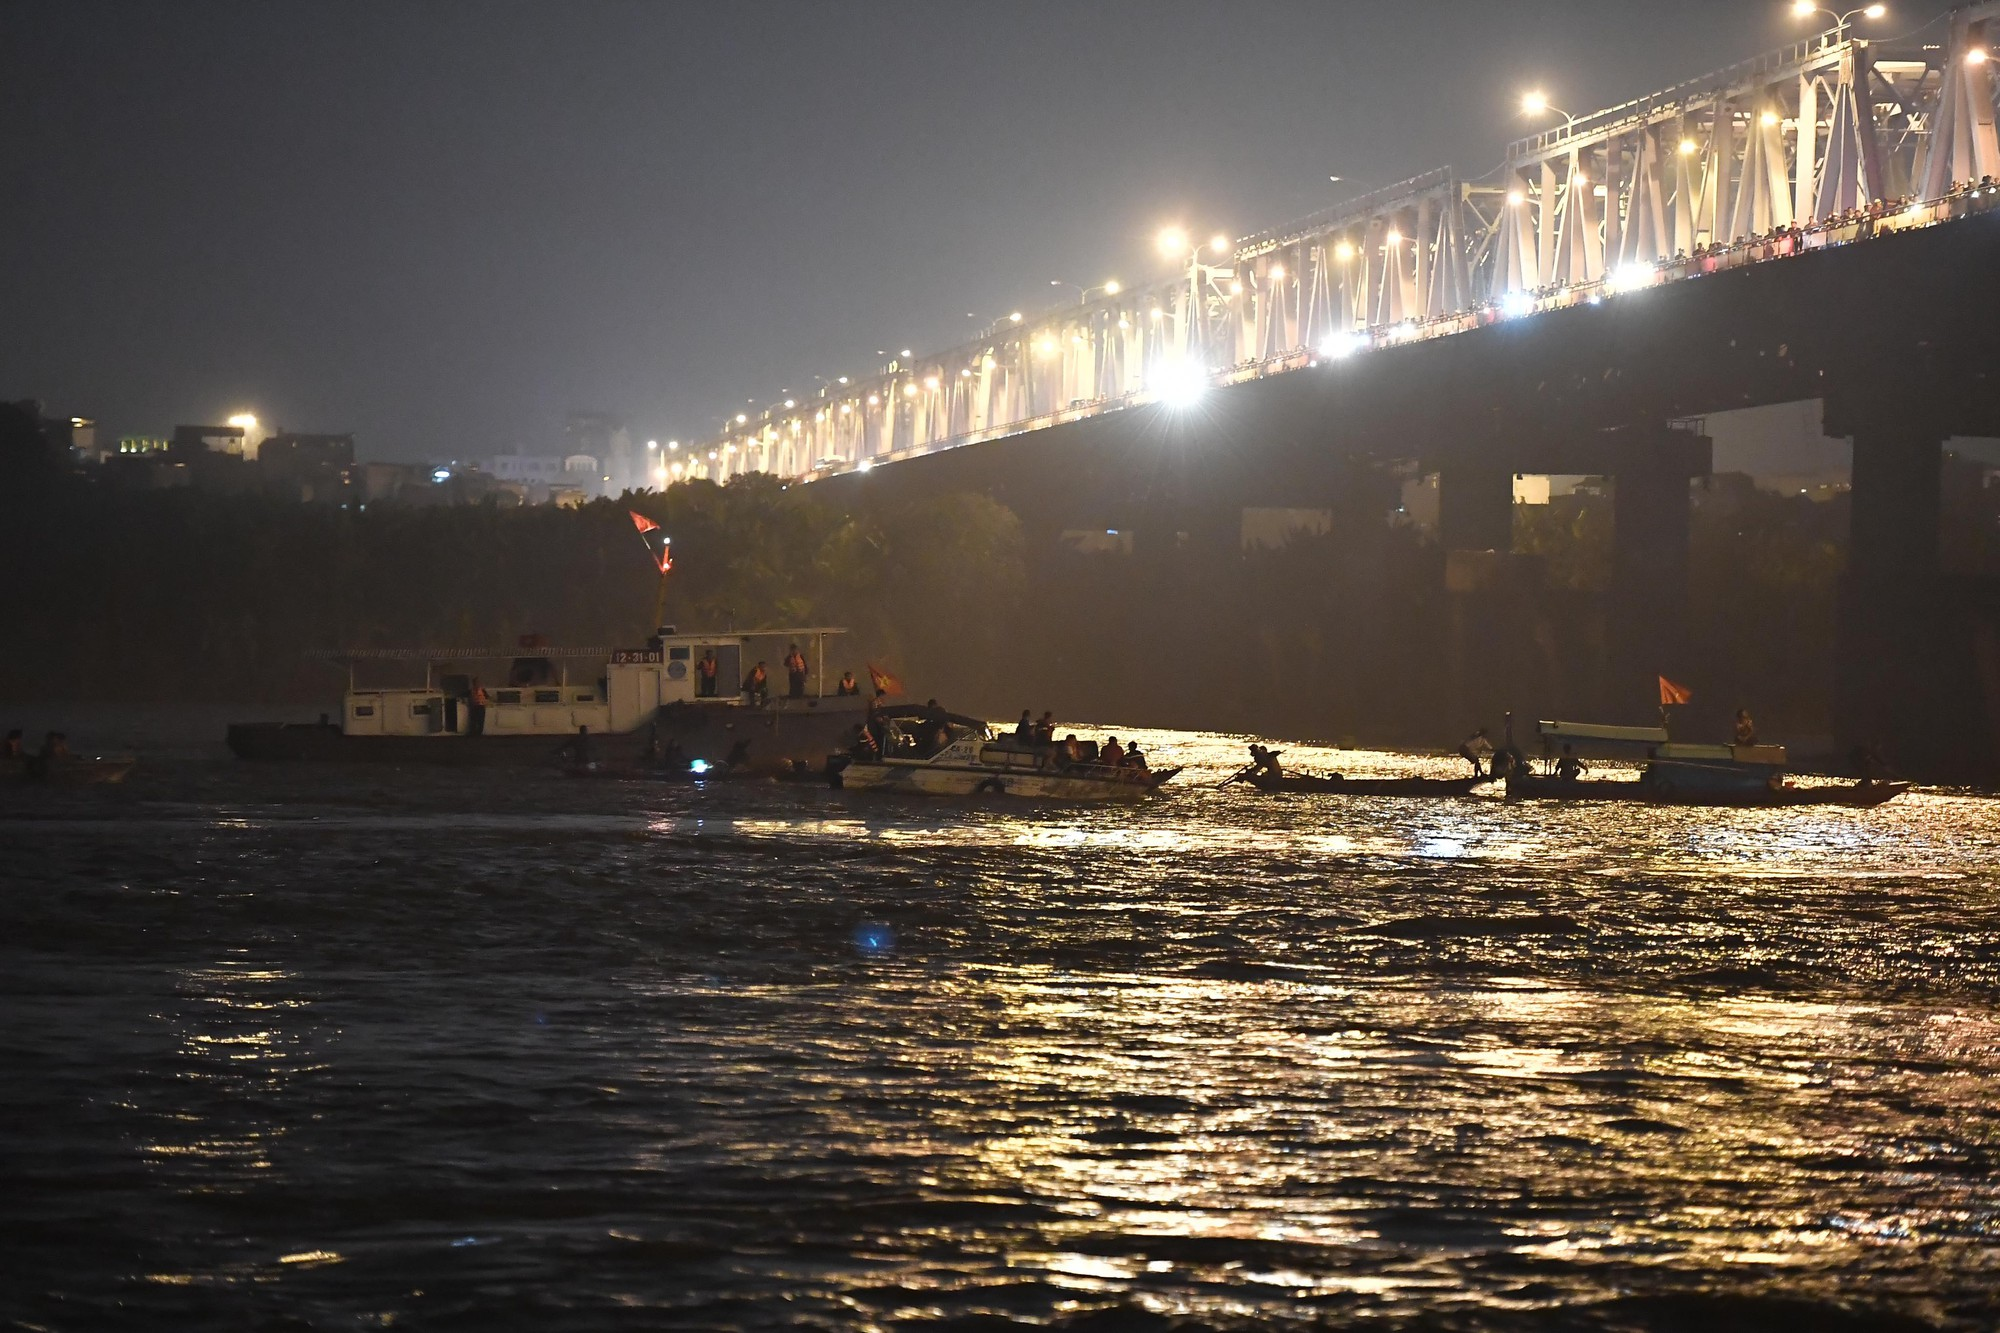 Nóng: Ô tô Mercedes bất ngờ đâm gãy thành cầu Chương Dương rồi lao xuống sông Hồng, 5 ca nô được huy động tìm kiếm các nạn nhân - Ảnh 12.